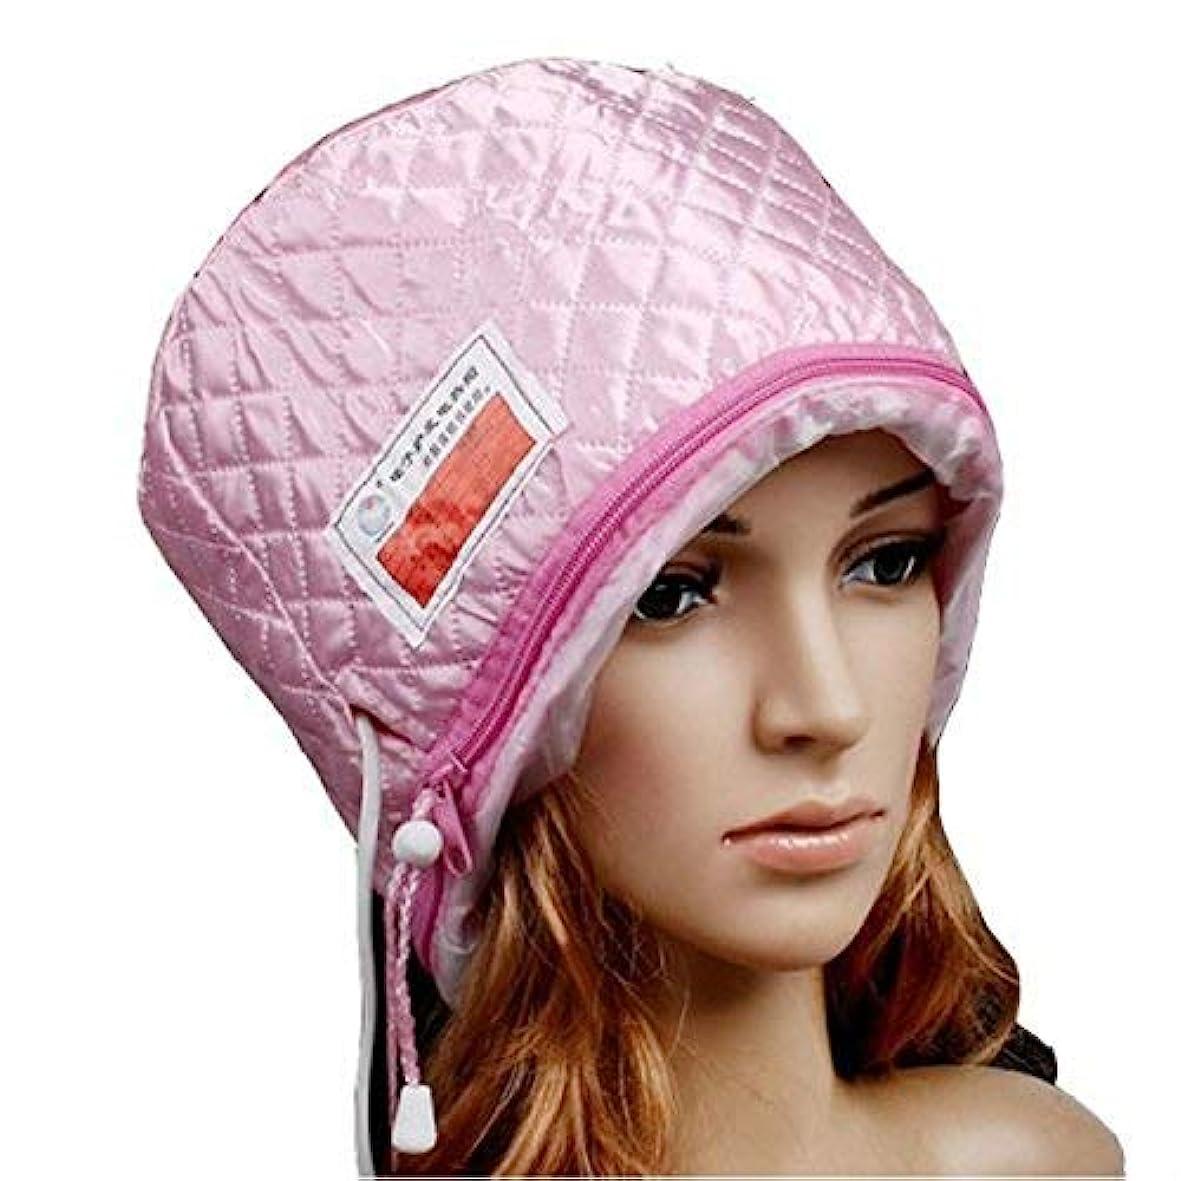 セキュリティファッションヘアケアヘアメンブレンキャップ電気加熱キャップ美容スチーマー栄養帽子